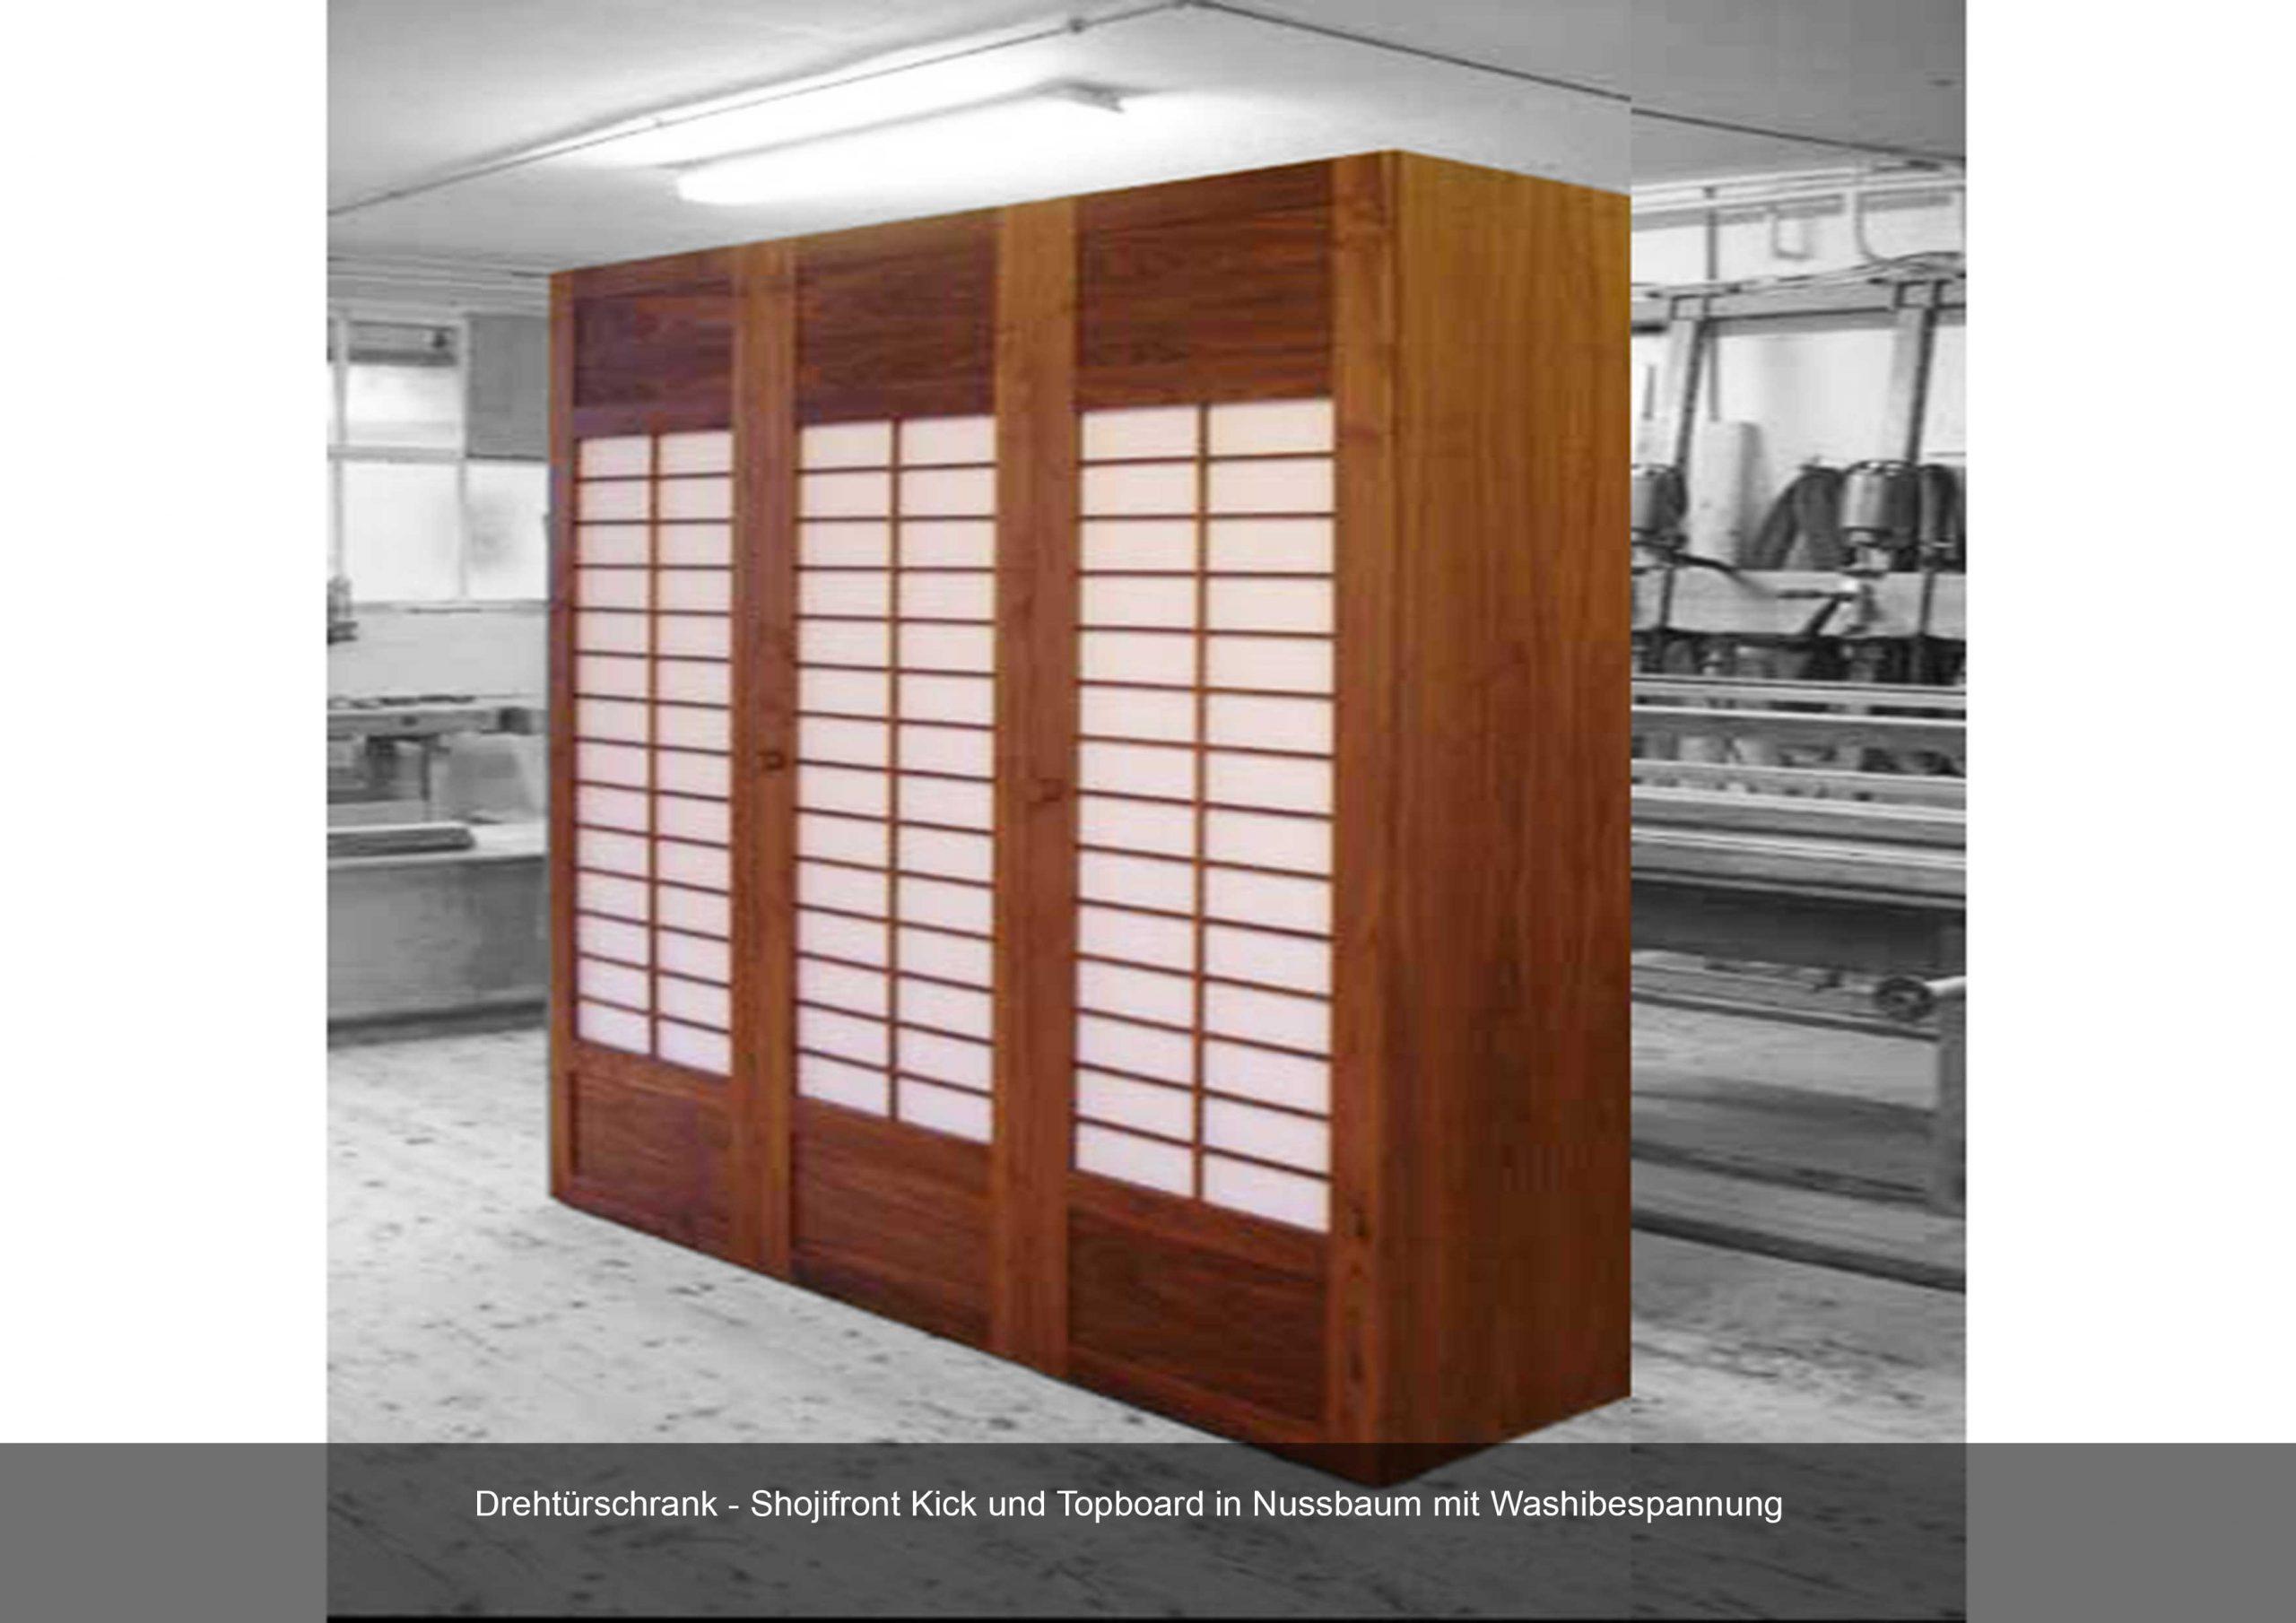 Drehtürschrank Shojifront Nussbaum Washibespannung Kickboard Topboard